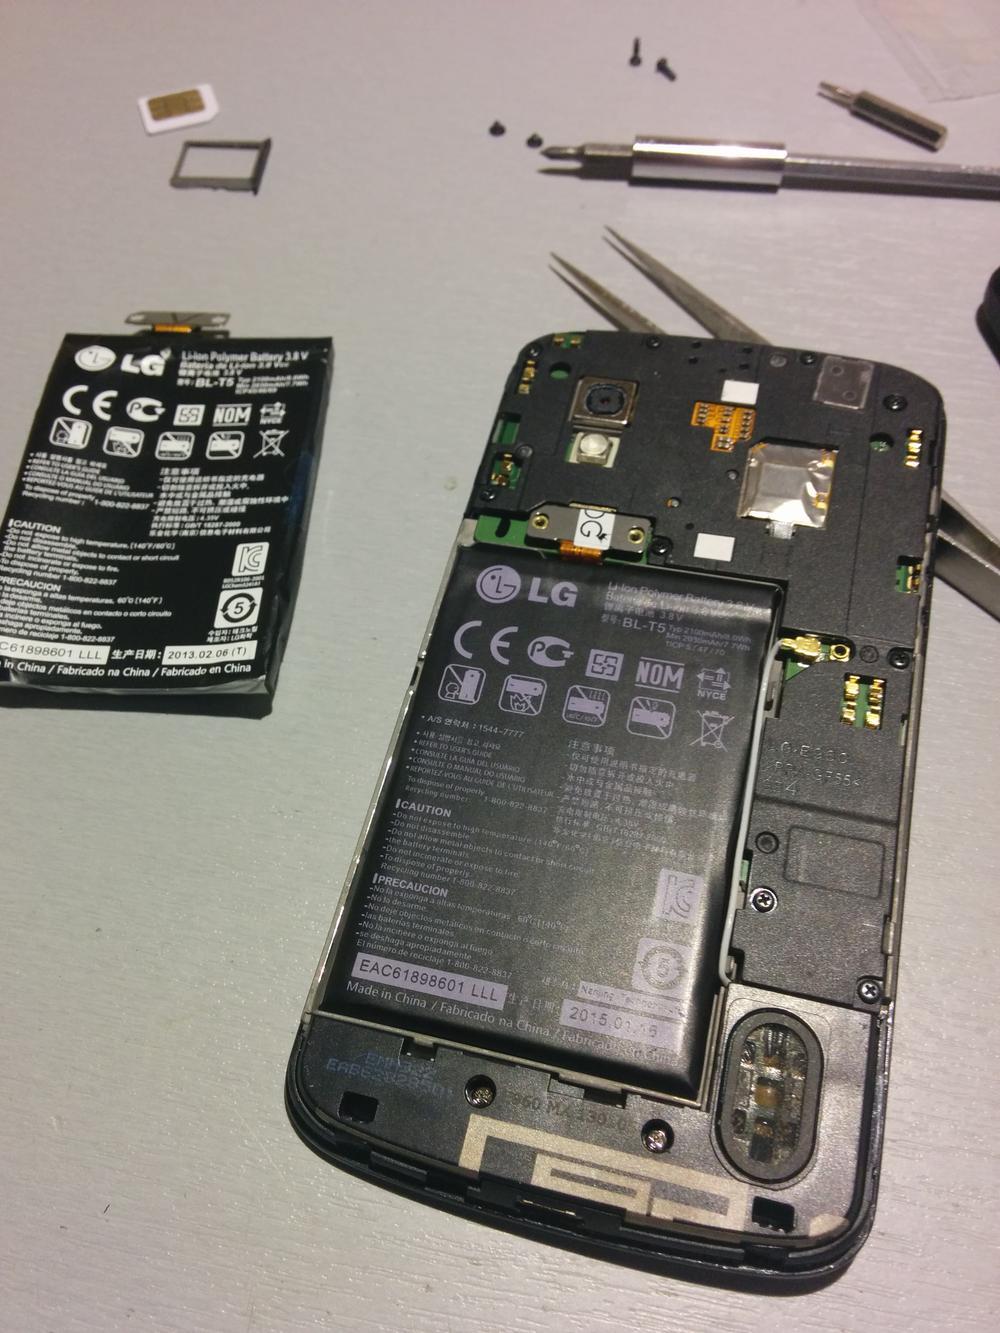 Wymiana baterii w lg nexus 4